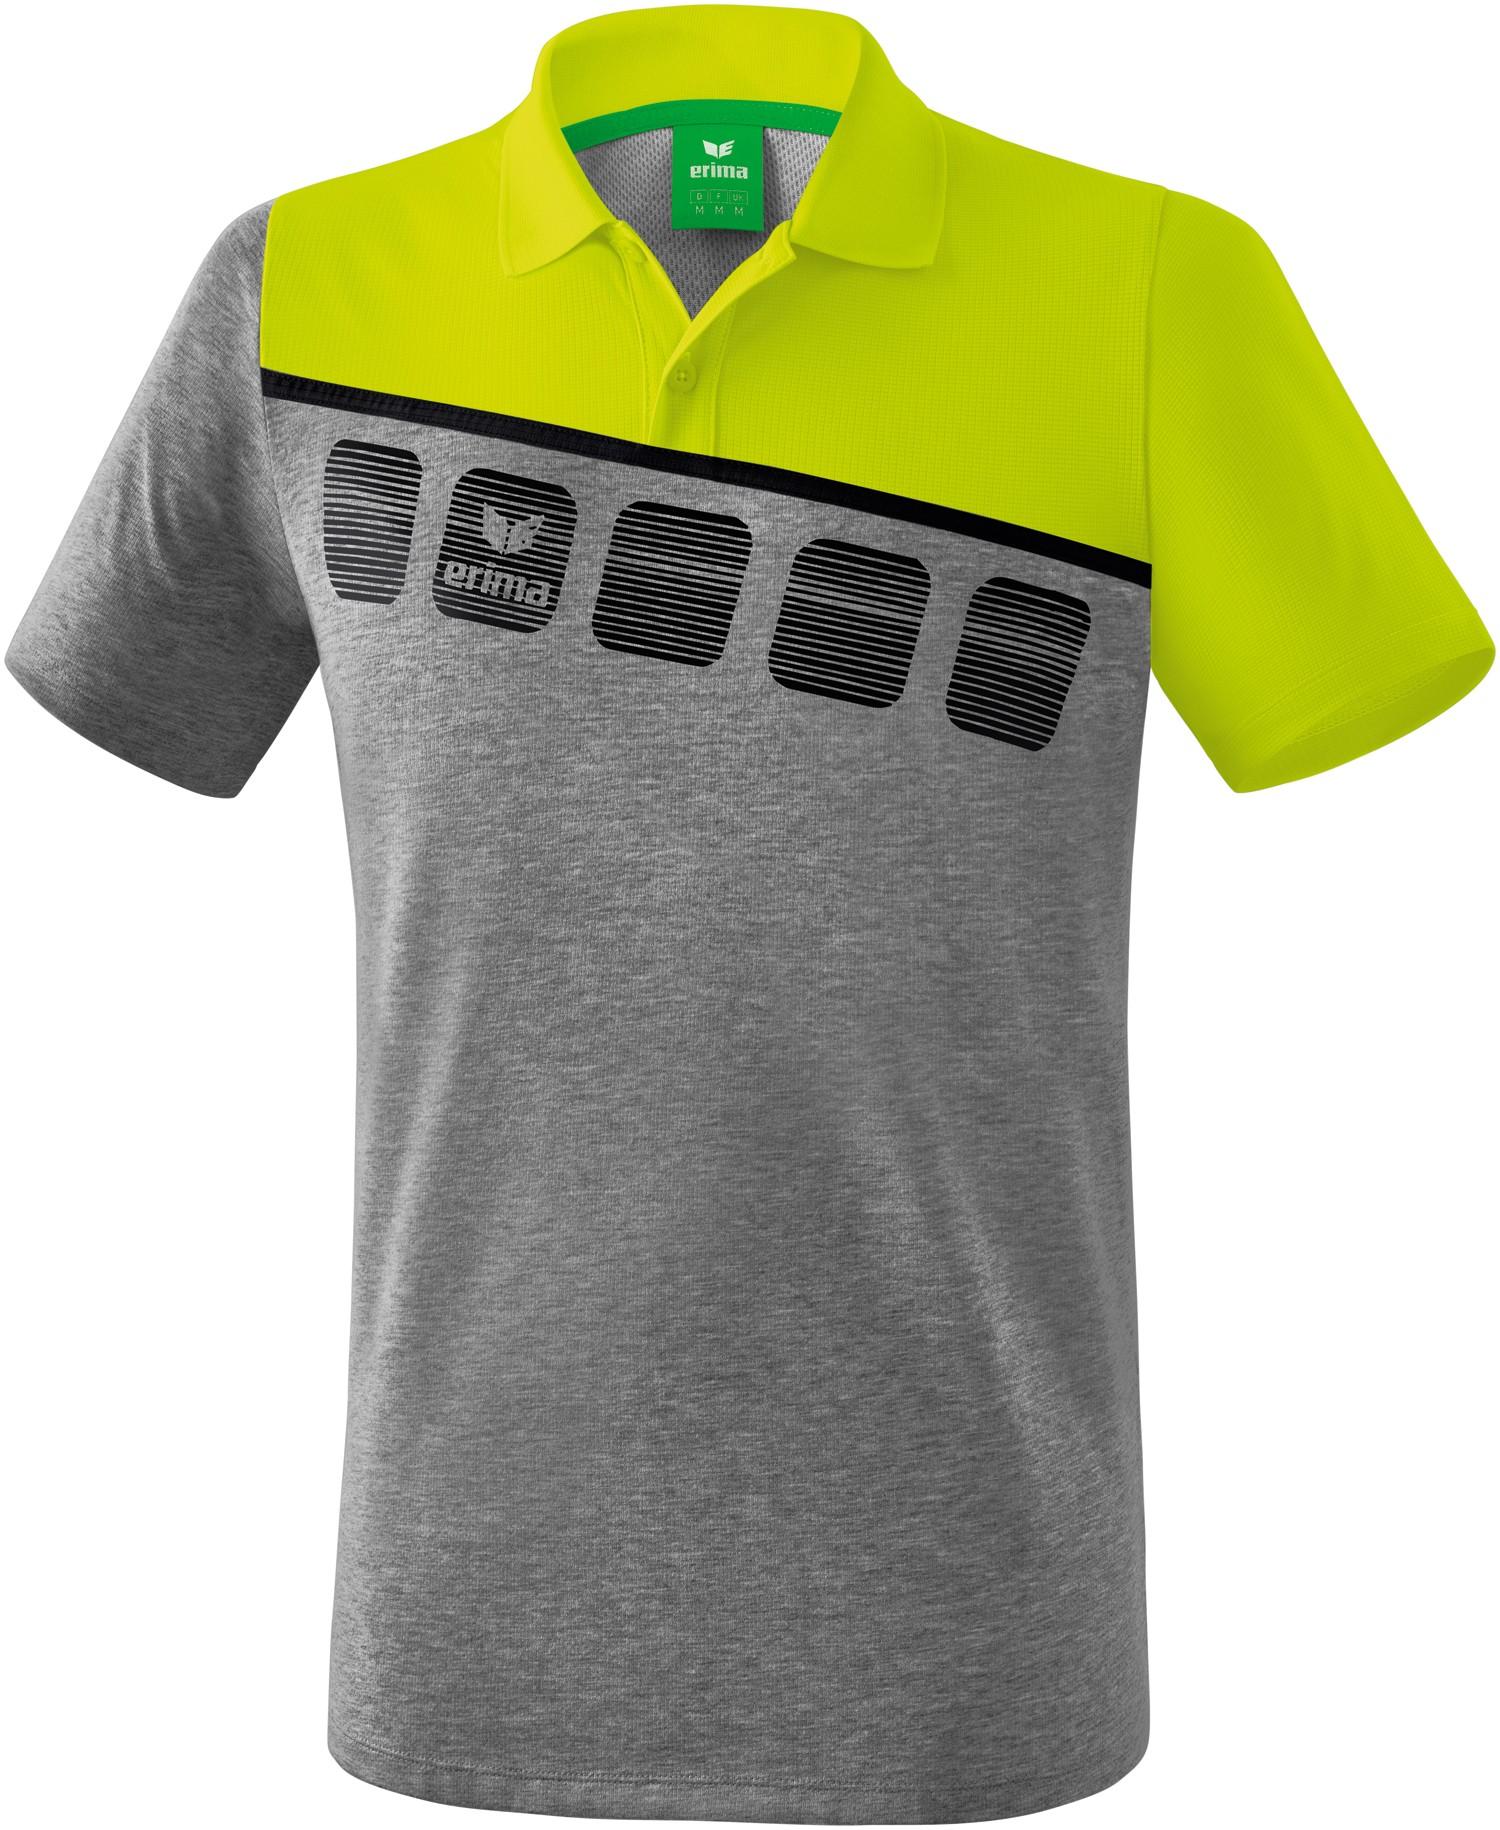 Erima 5-C Poloshirt Kinder, 152 Unisex 1111908